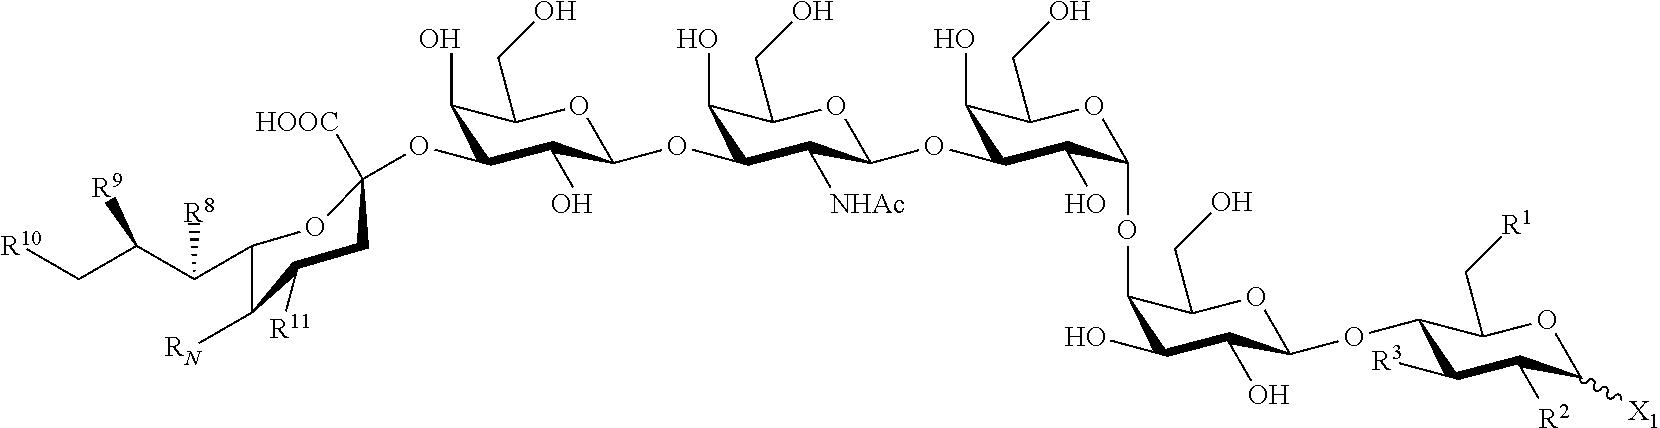 Figure US10342858-20190709-C00010